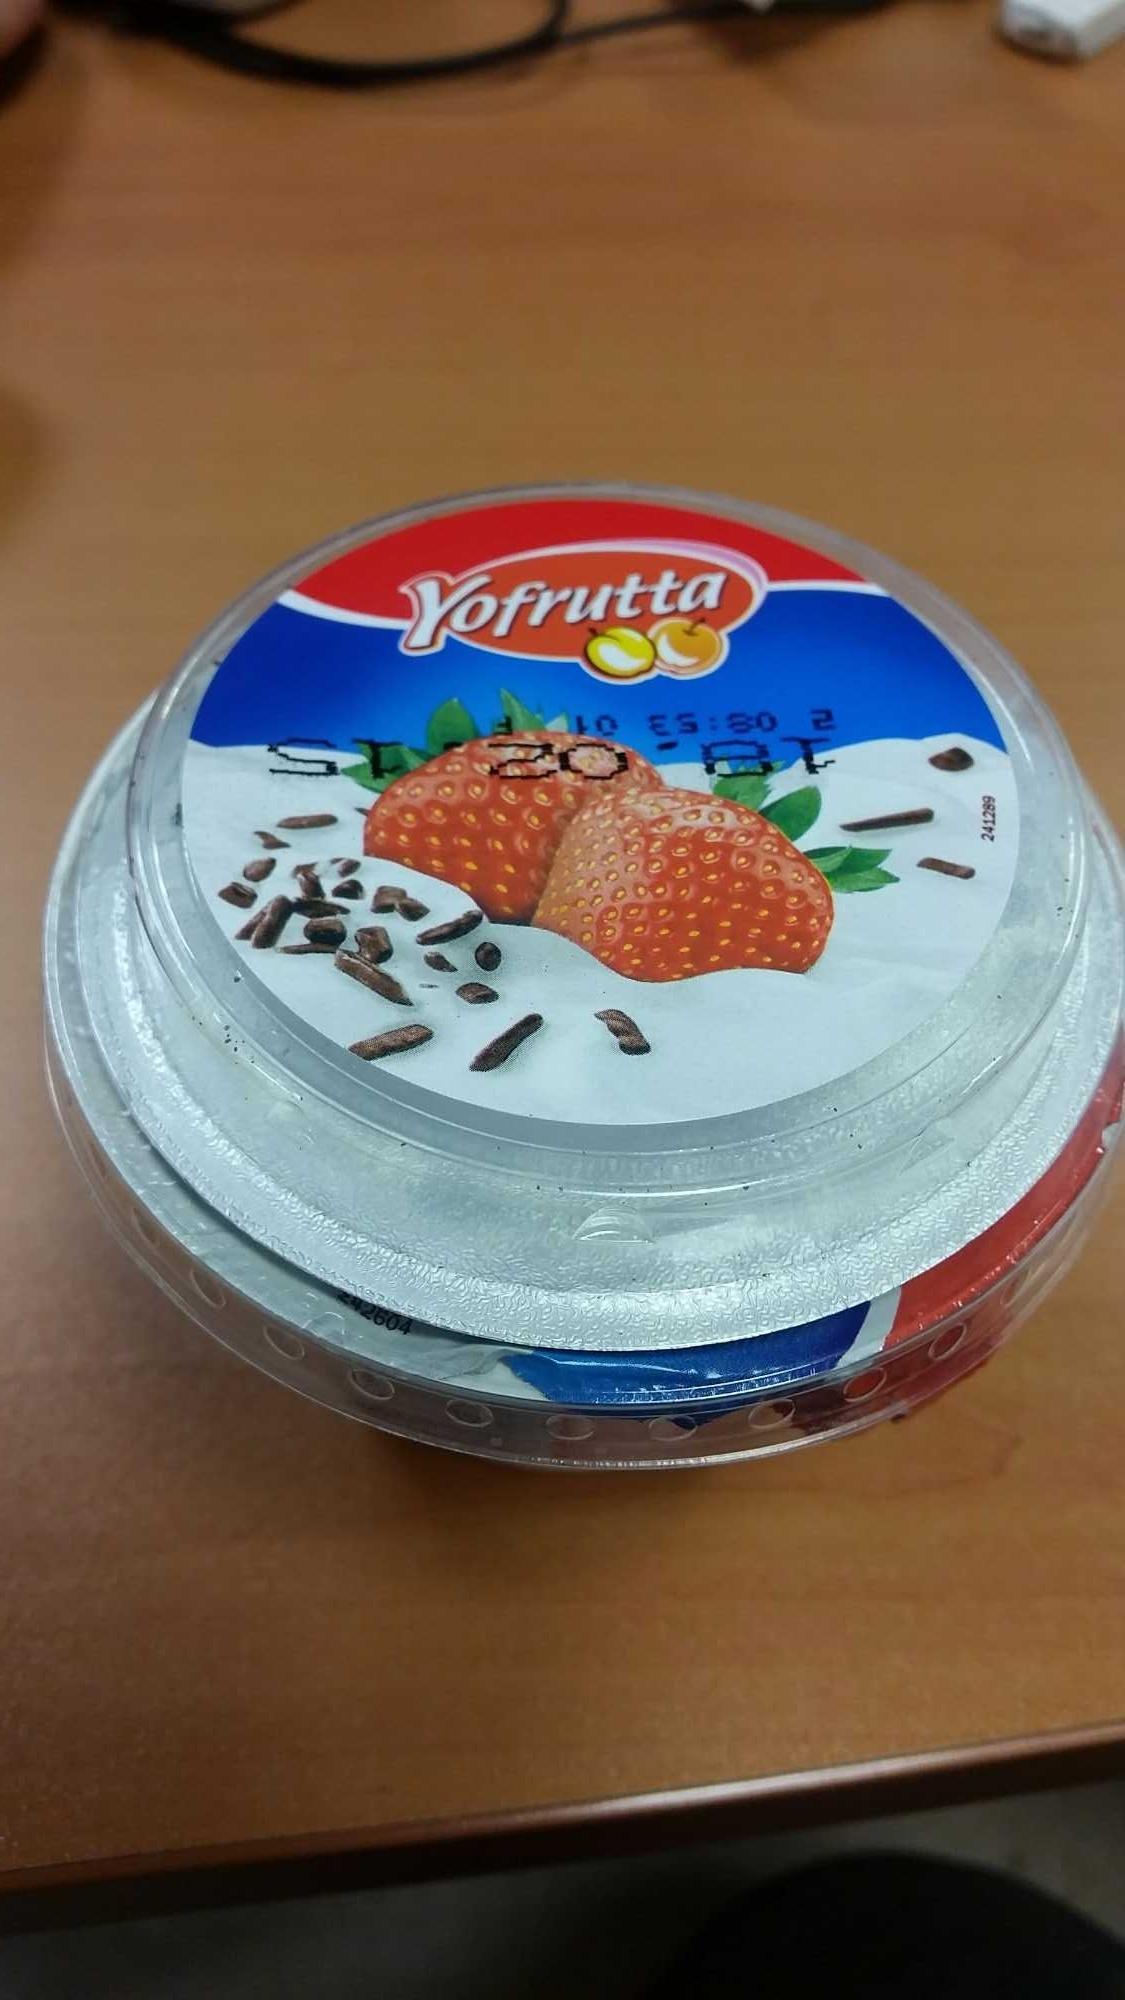 préparation au fromage blanc avec préparation à la fraise et aux pépites de chocolat - Product